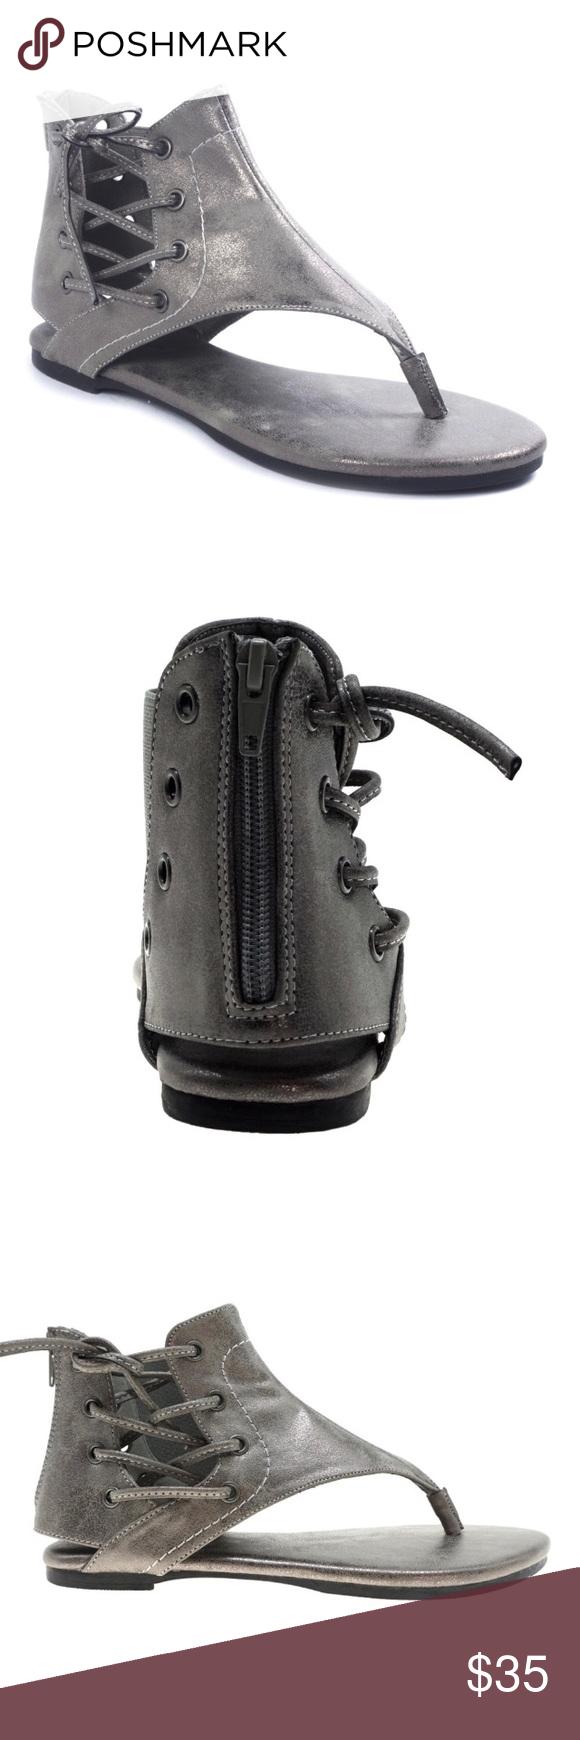 9527ac29f0b7 ️PEWTER GLADIATOR SANDAL Brand New Pierre Dumas Adele-2 Sandal ‼